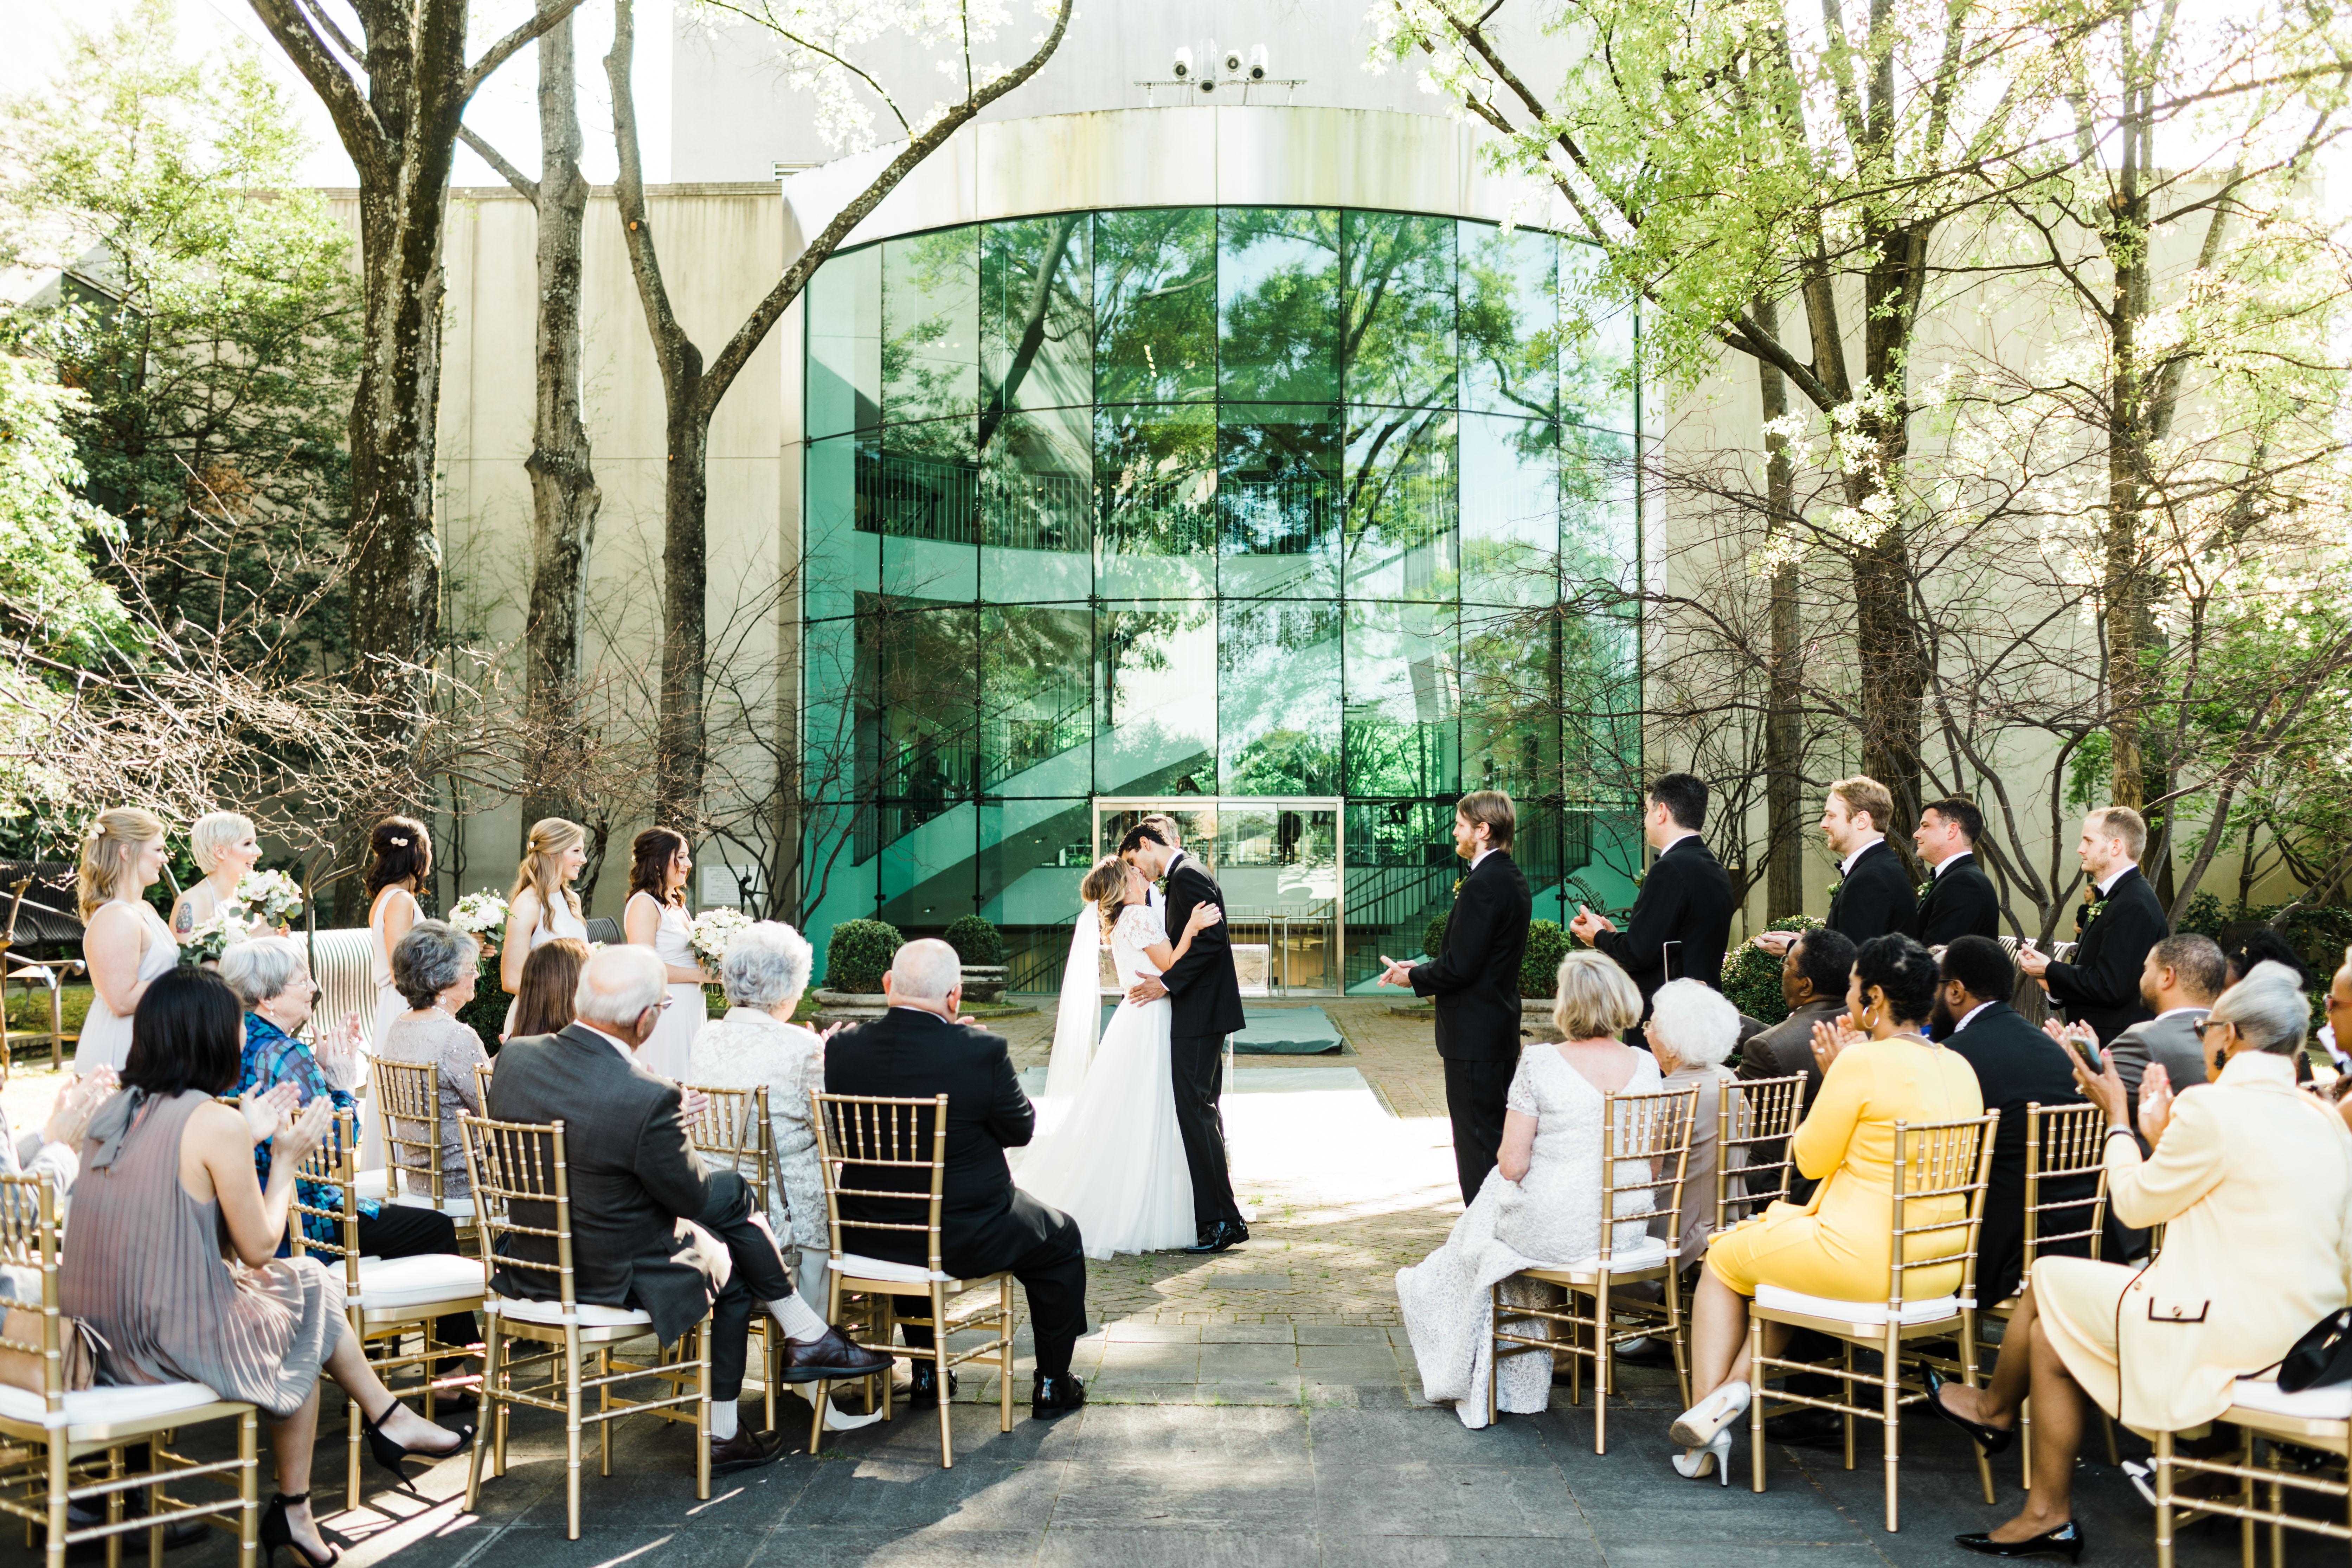 Wedding Photographer: Mary Margaret Smith